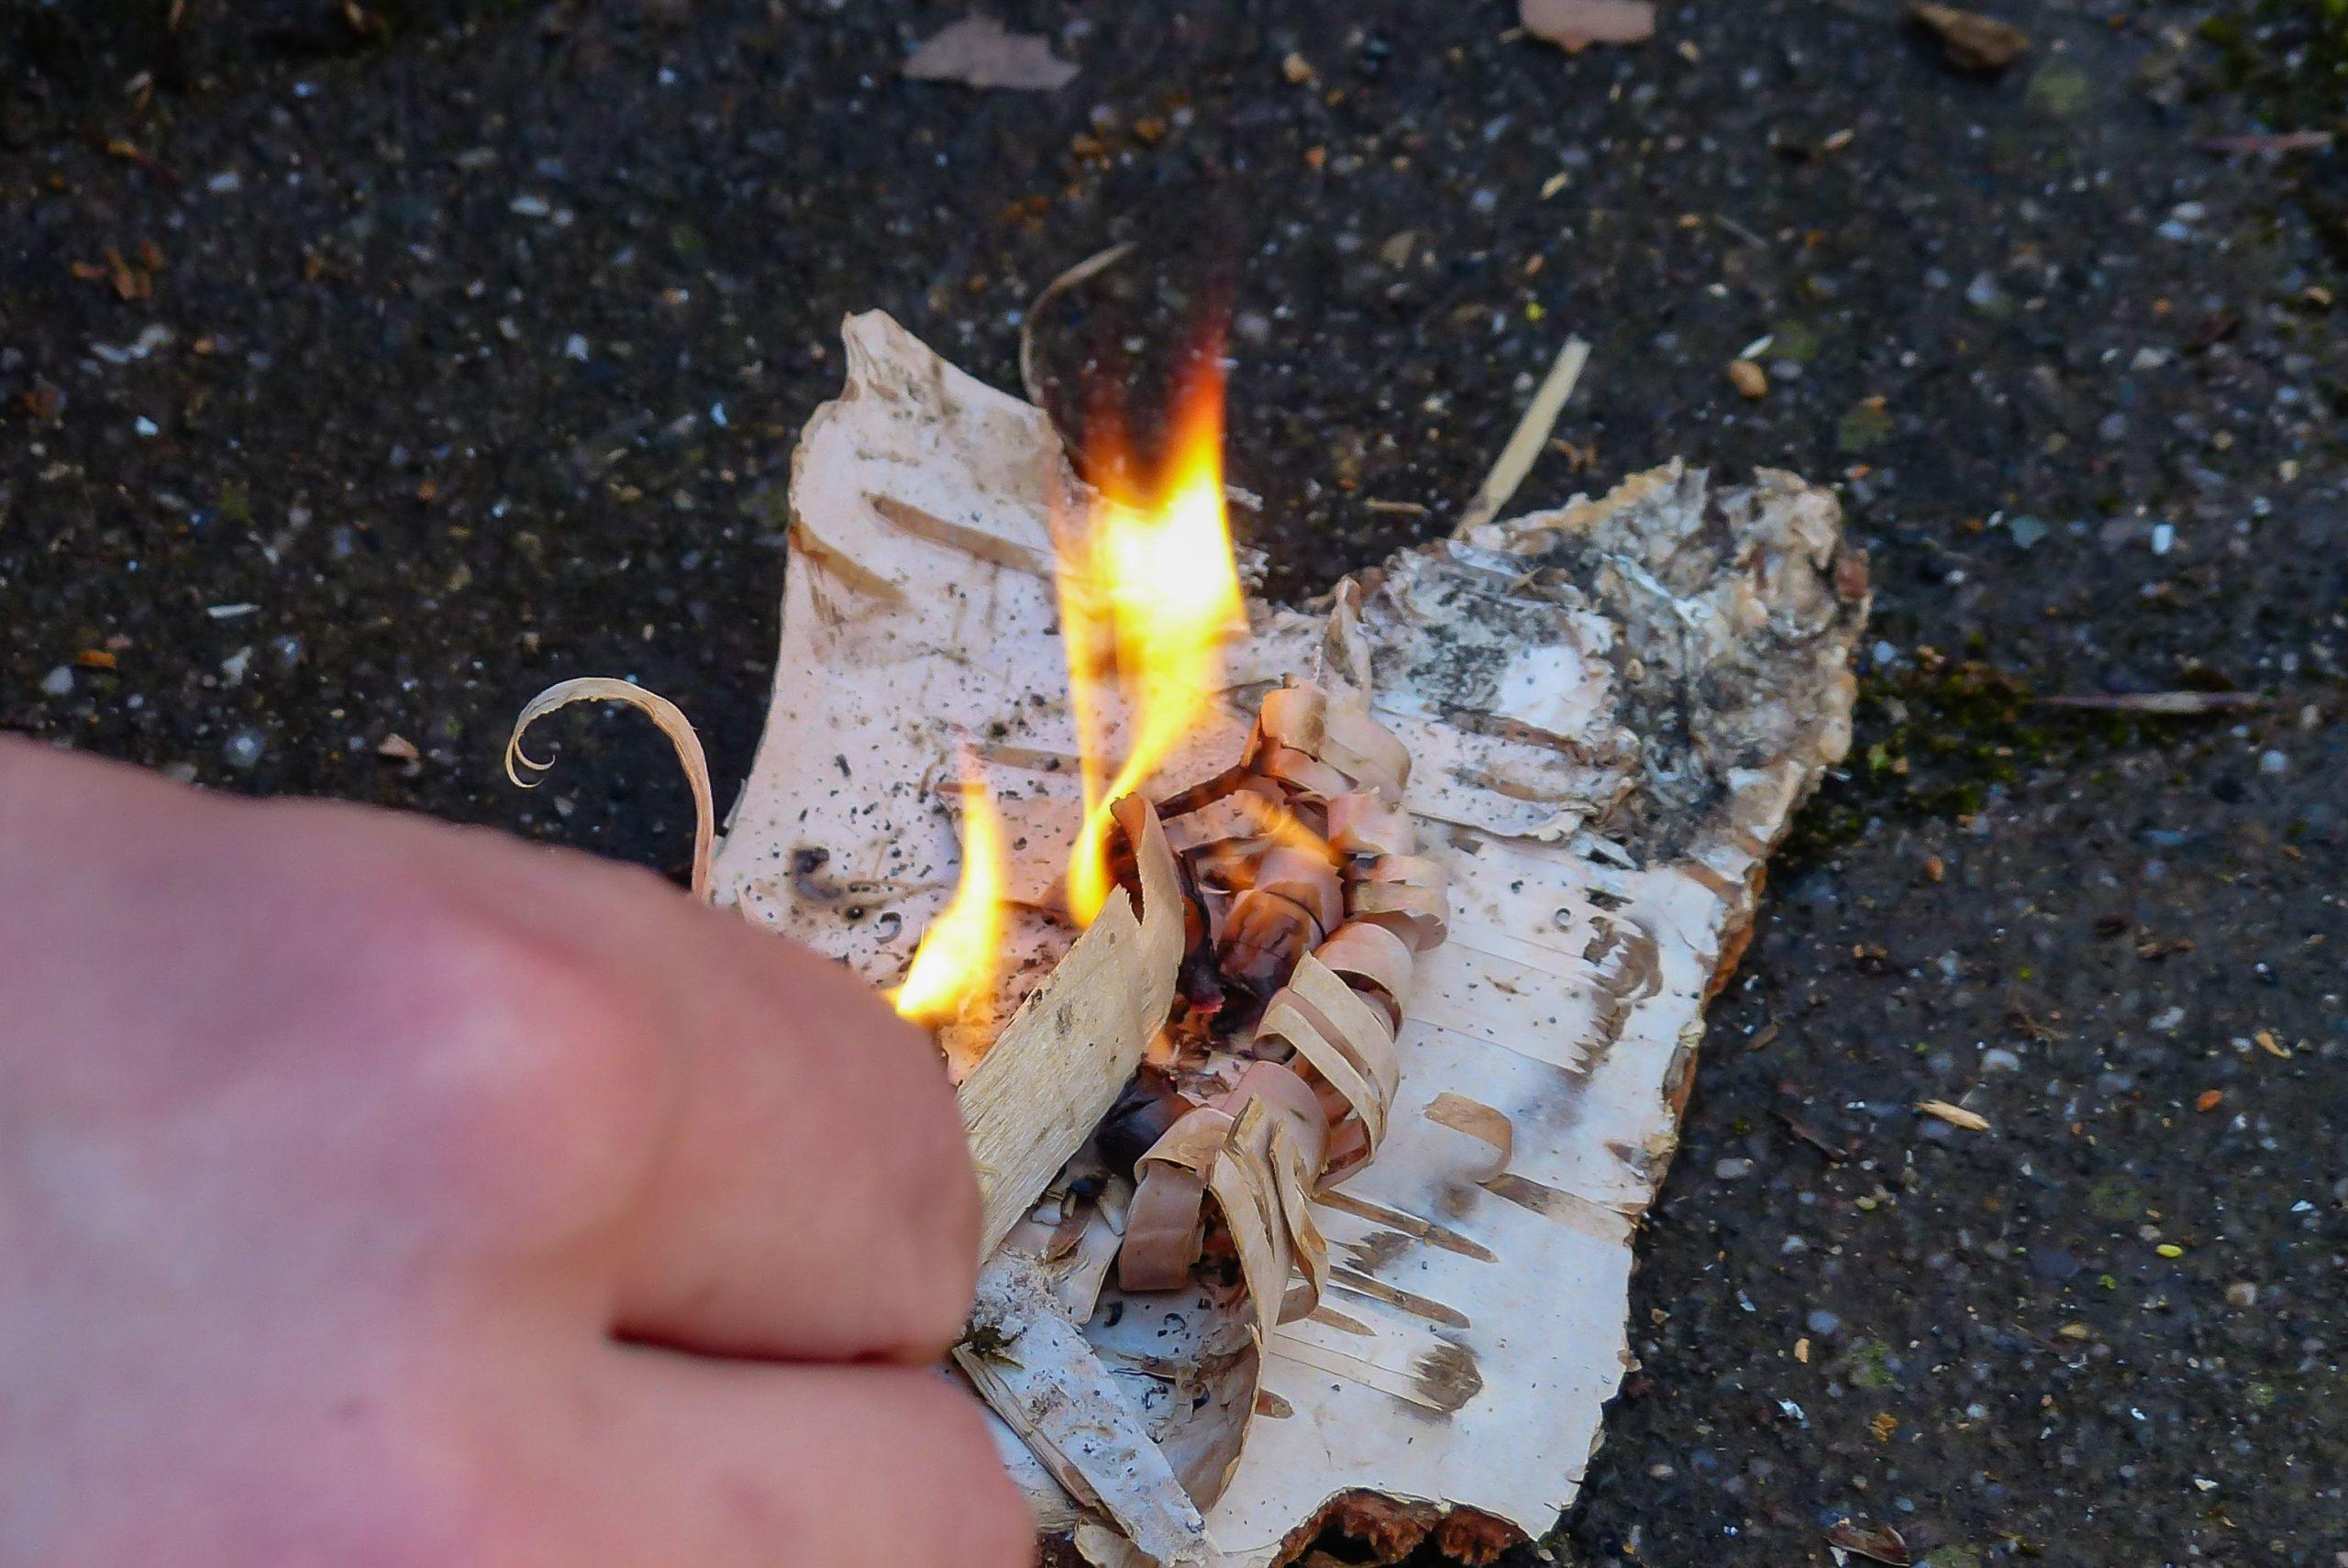 Jemand macht Feuer mithilfe von kleinen Holzspähnen